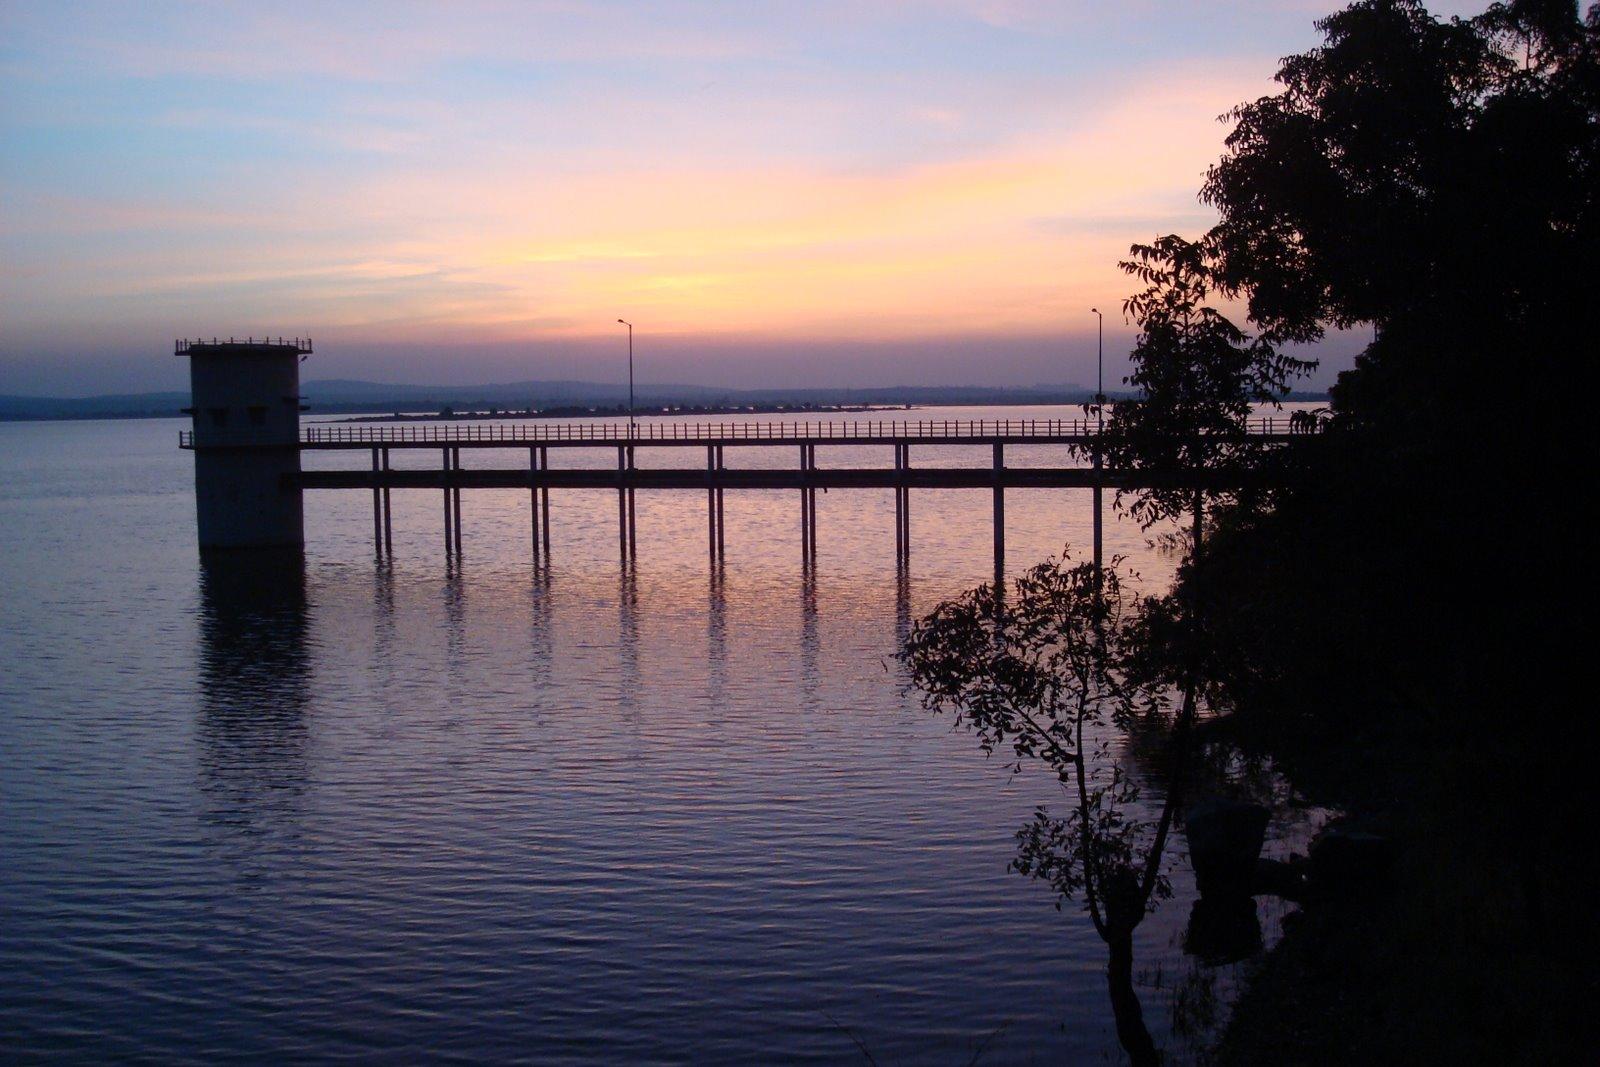 Ramappa Lake Warangal Images - Lake View